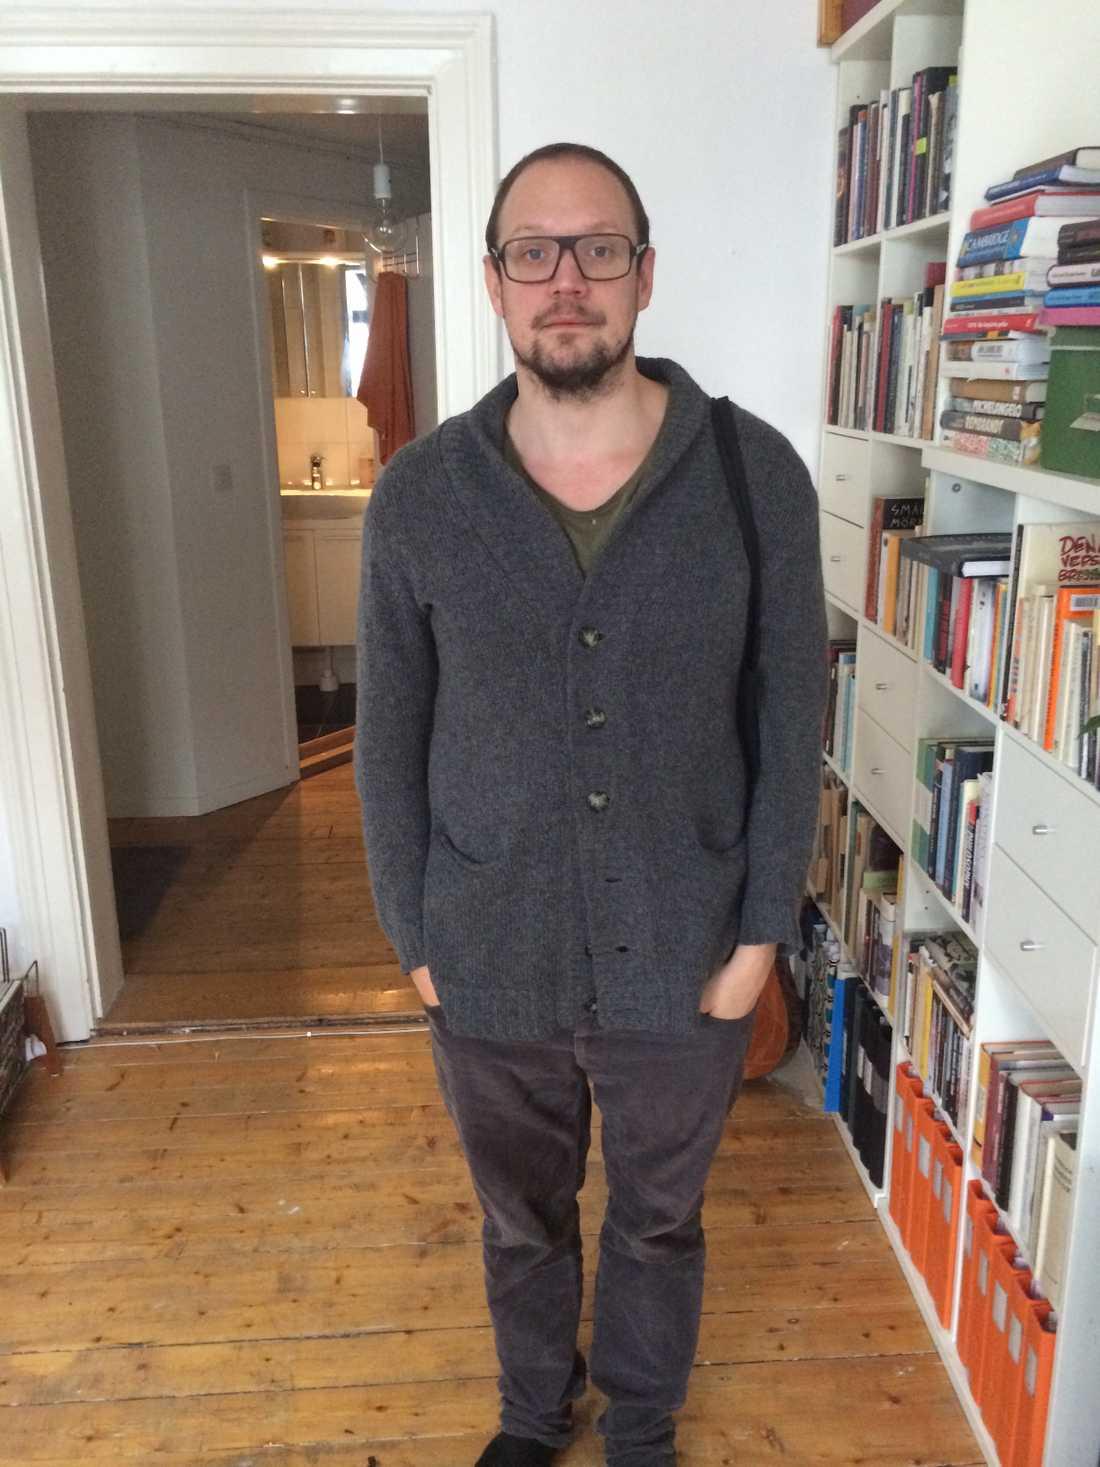 Ny på jobbet Jonathan Unge (vikarie) är med i detta avsnitt av Lilla Drevet. Han är också den mest provocerande (icke ordinarie) Sveriges Radio-medarbetaren genom tiderna.